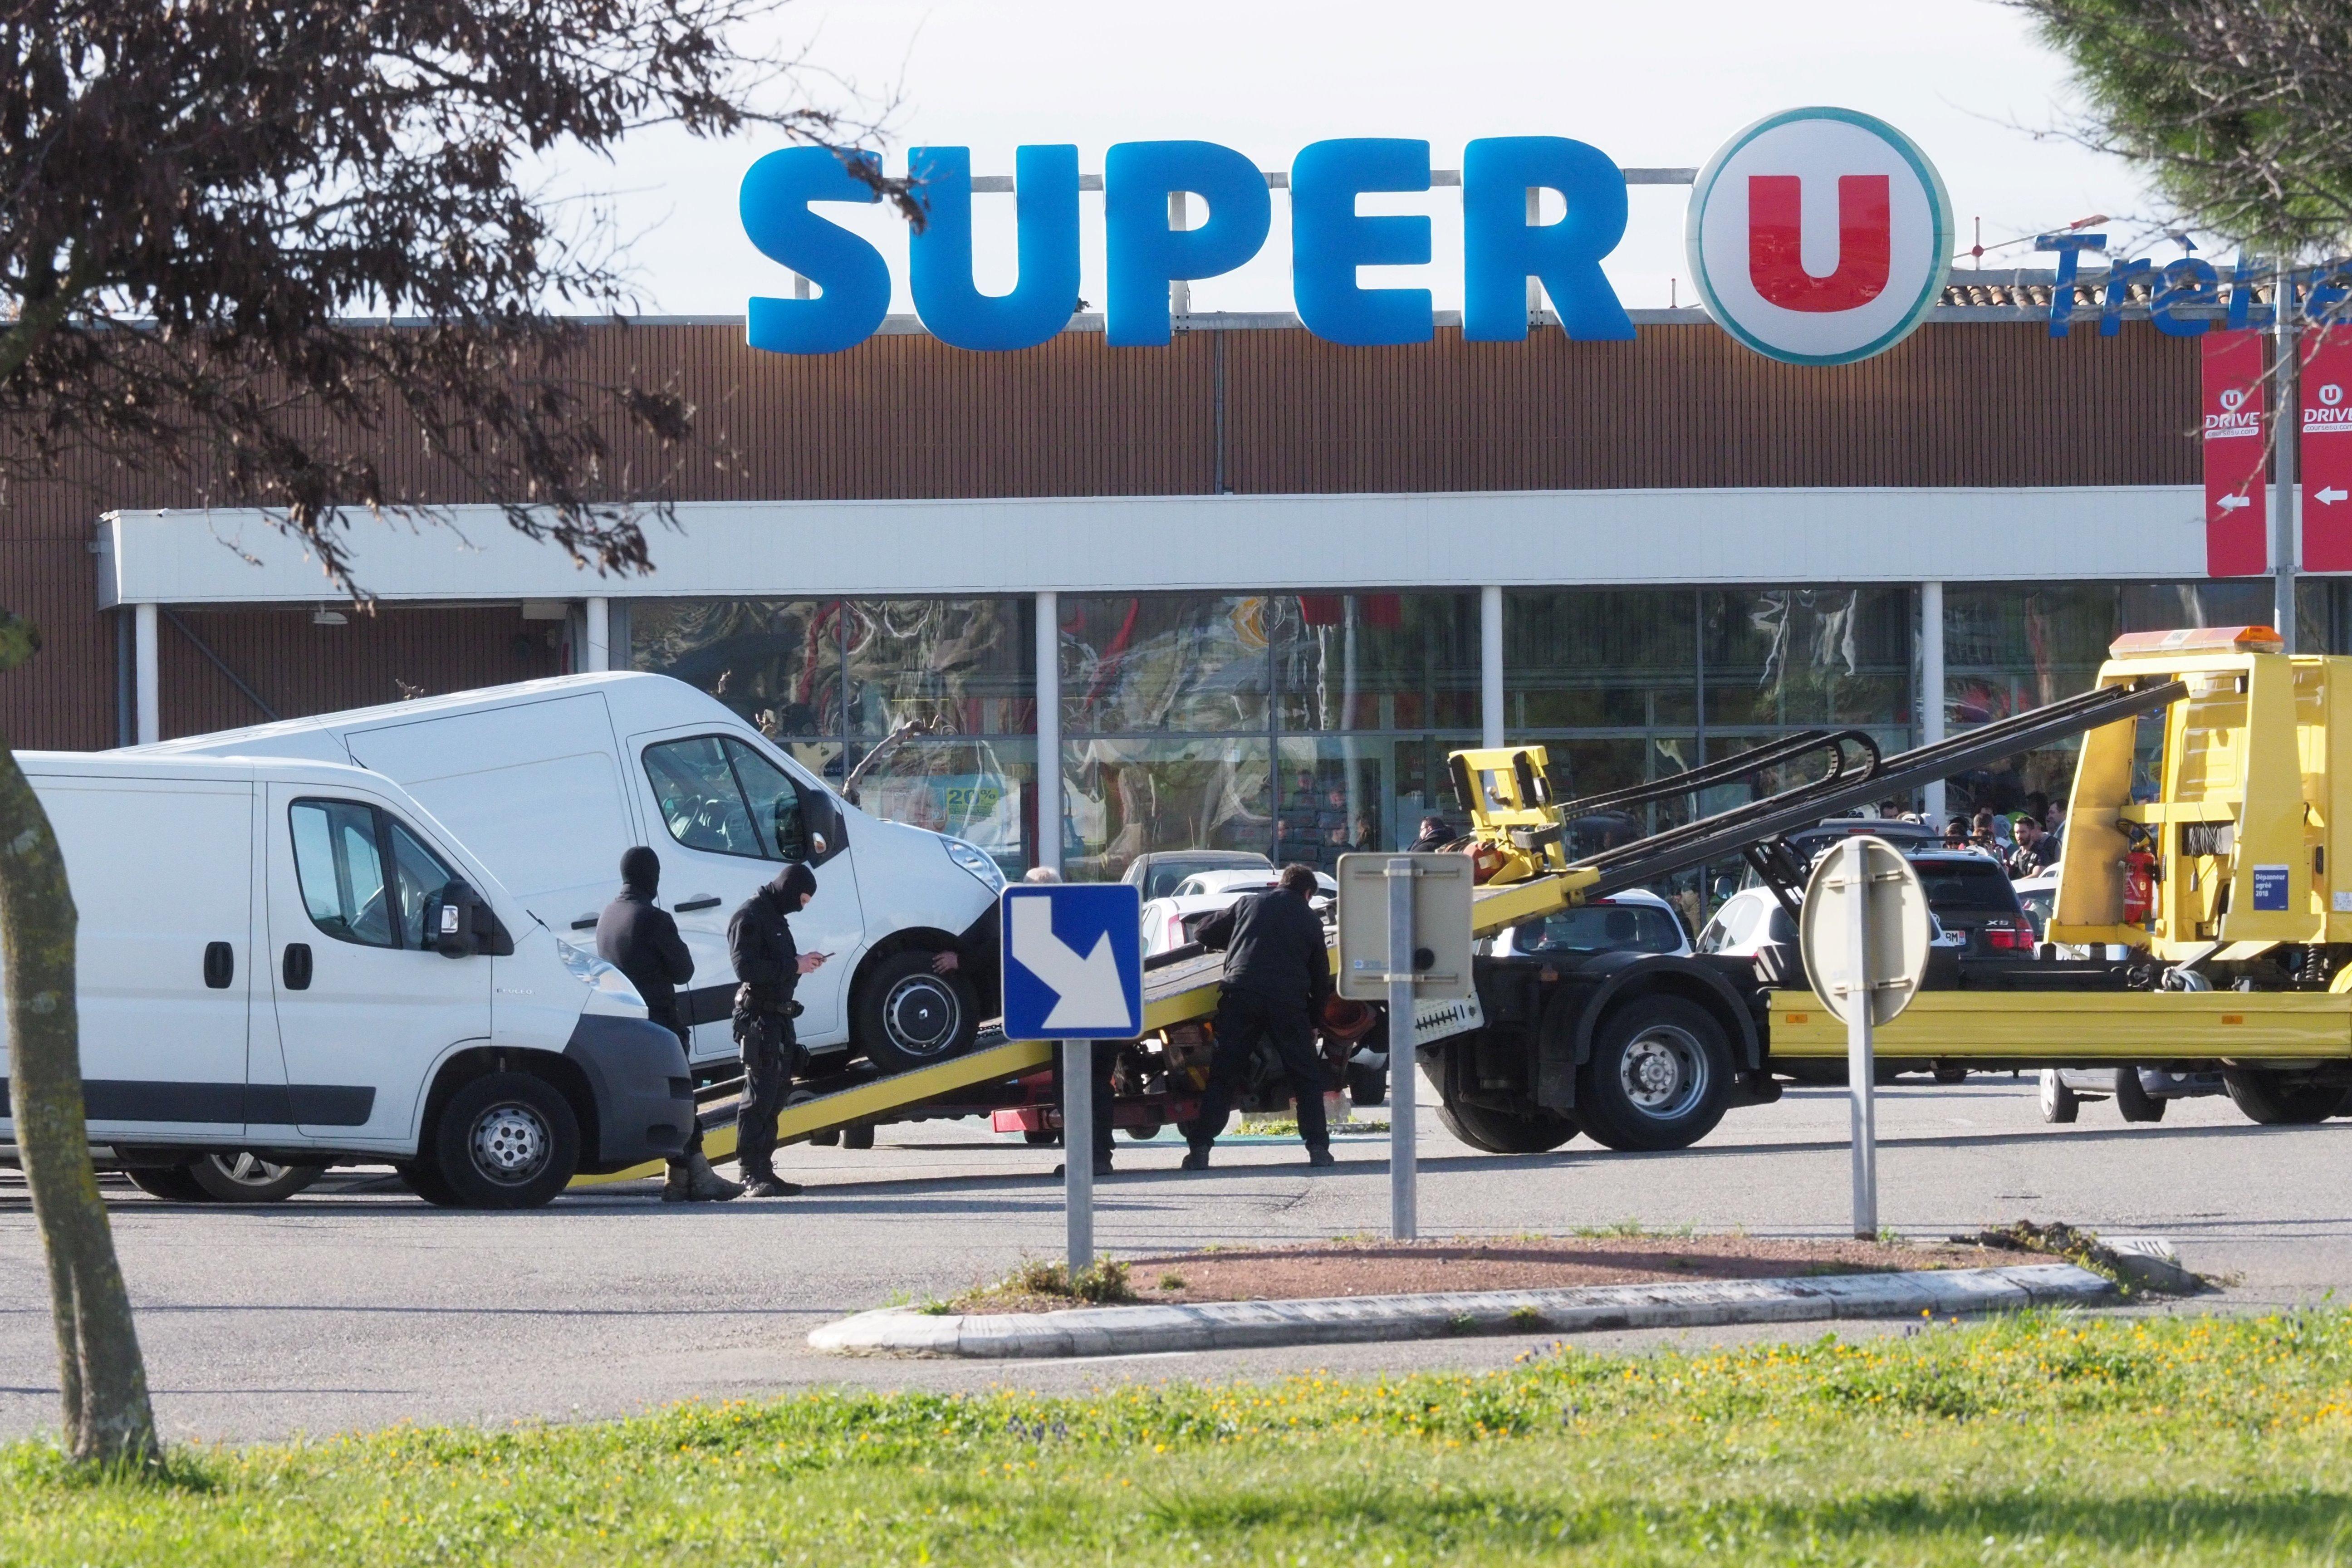 Γαλλία: Σε αποθήκη - ψυγείο του σουπερμάρκετ κρύφτηκαν οι πελάτες για να